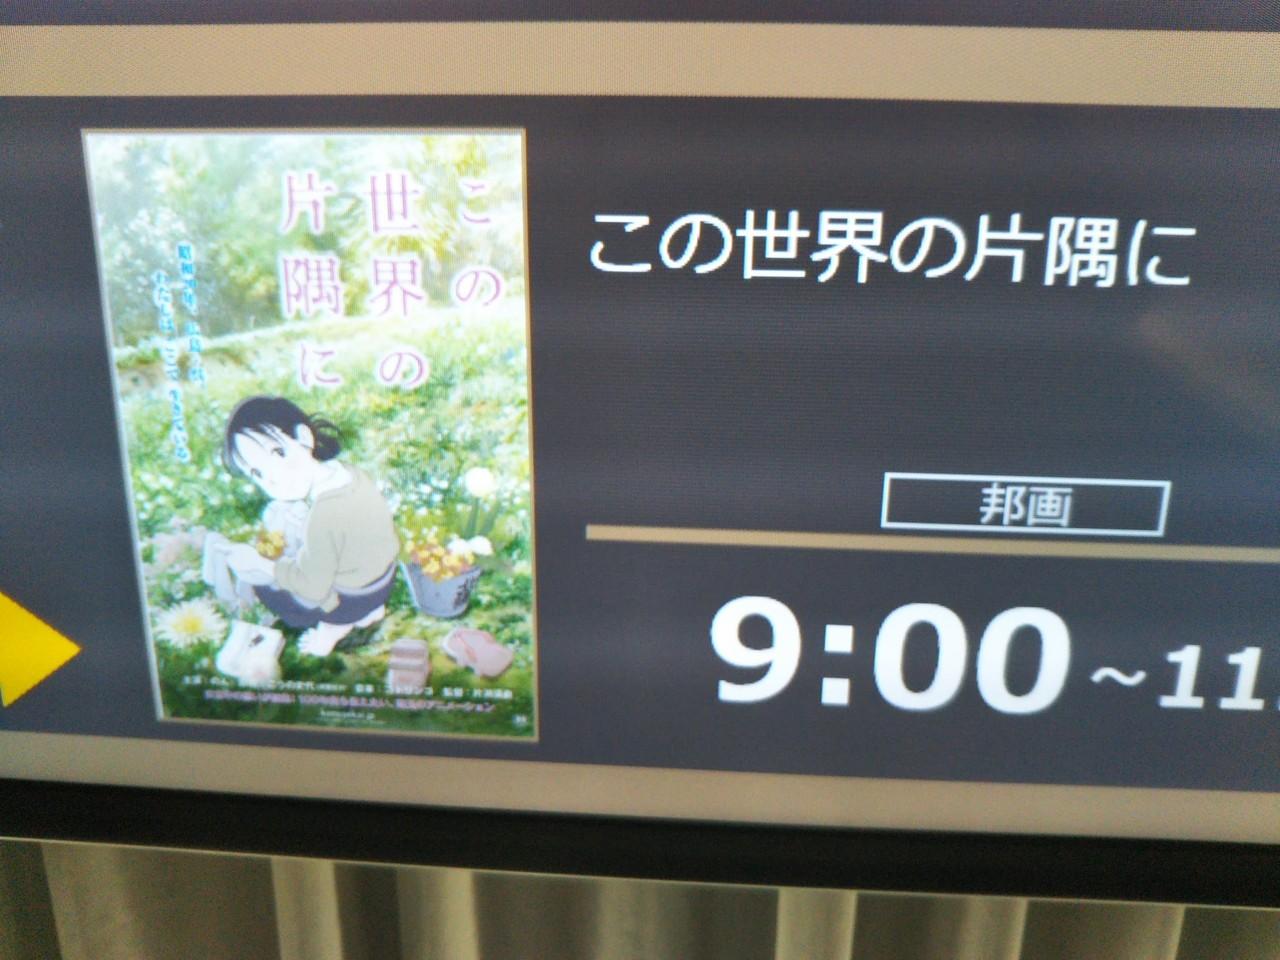 映画感想『この世界の片隅に』(劇場にて) , IMG_20161112_085042